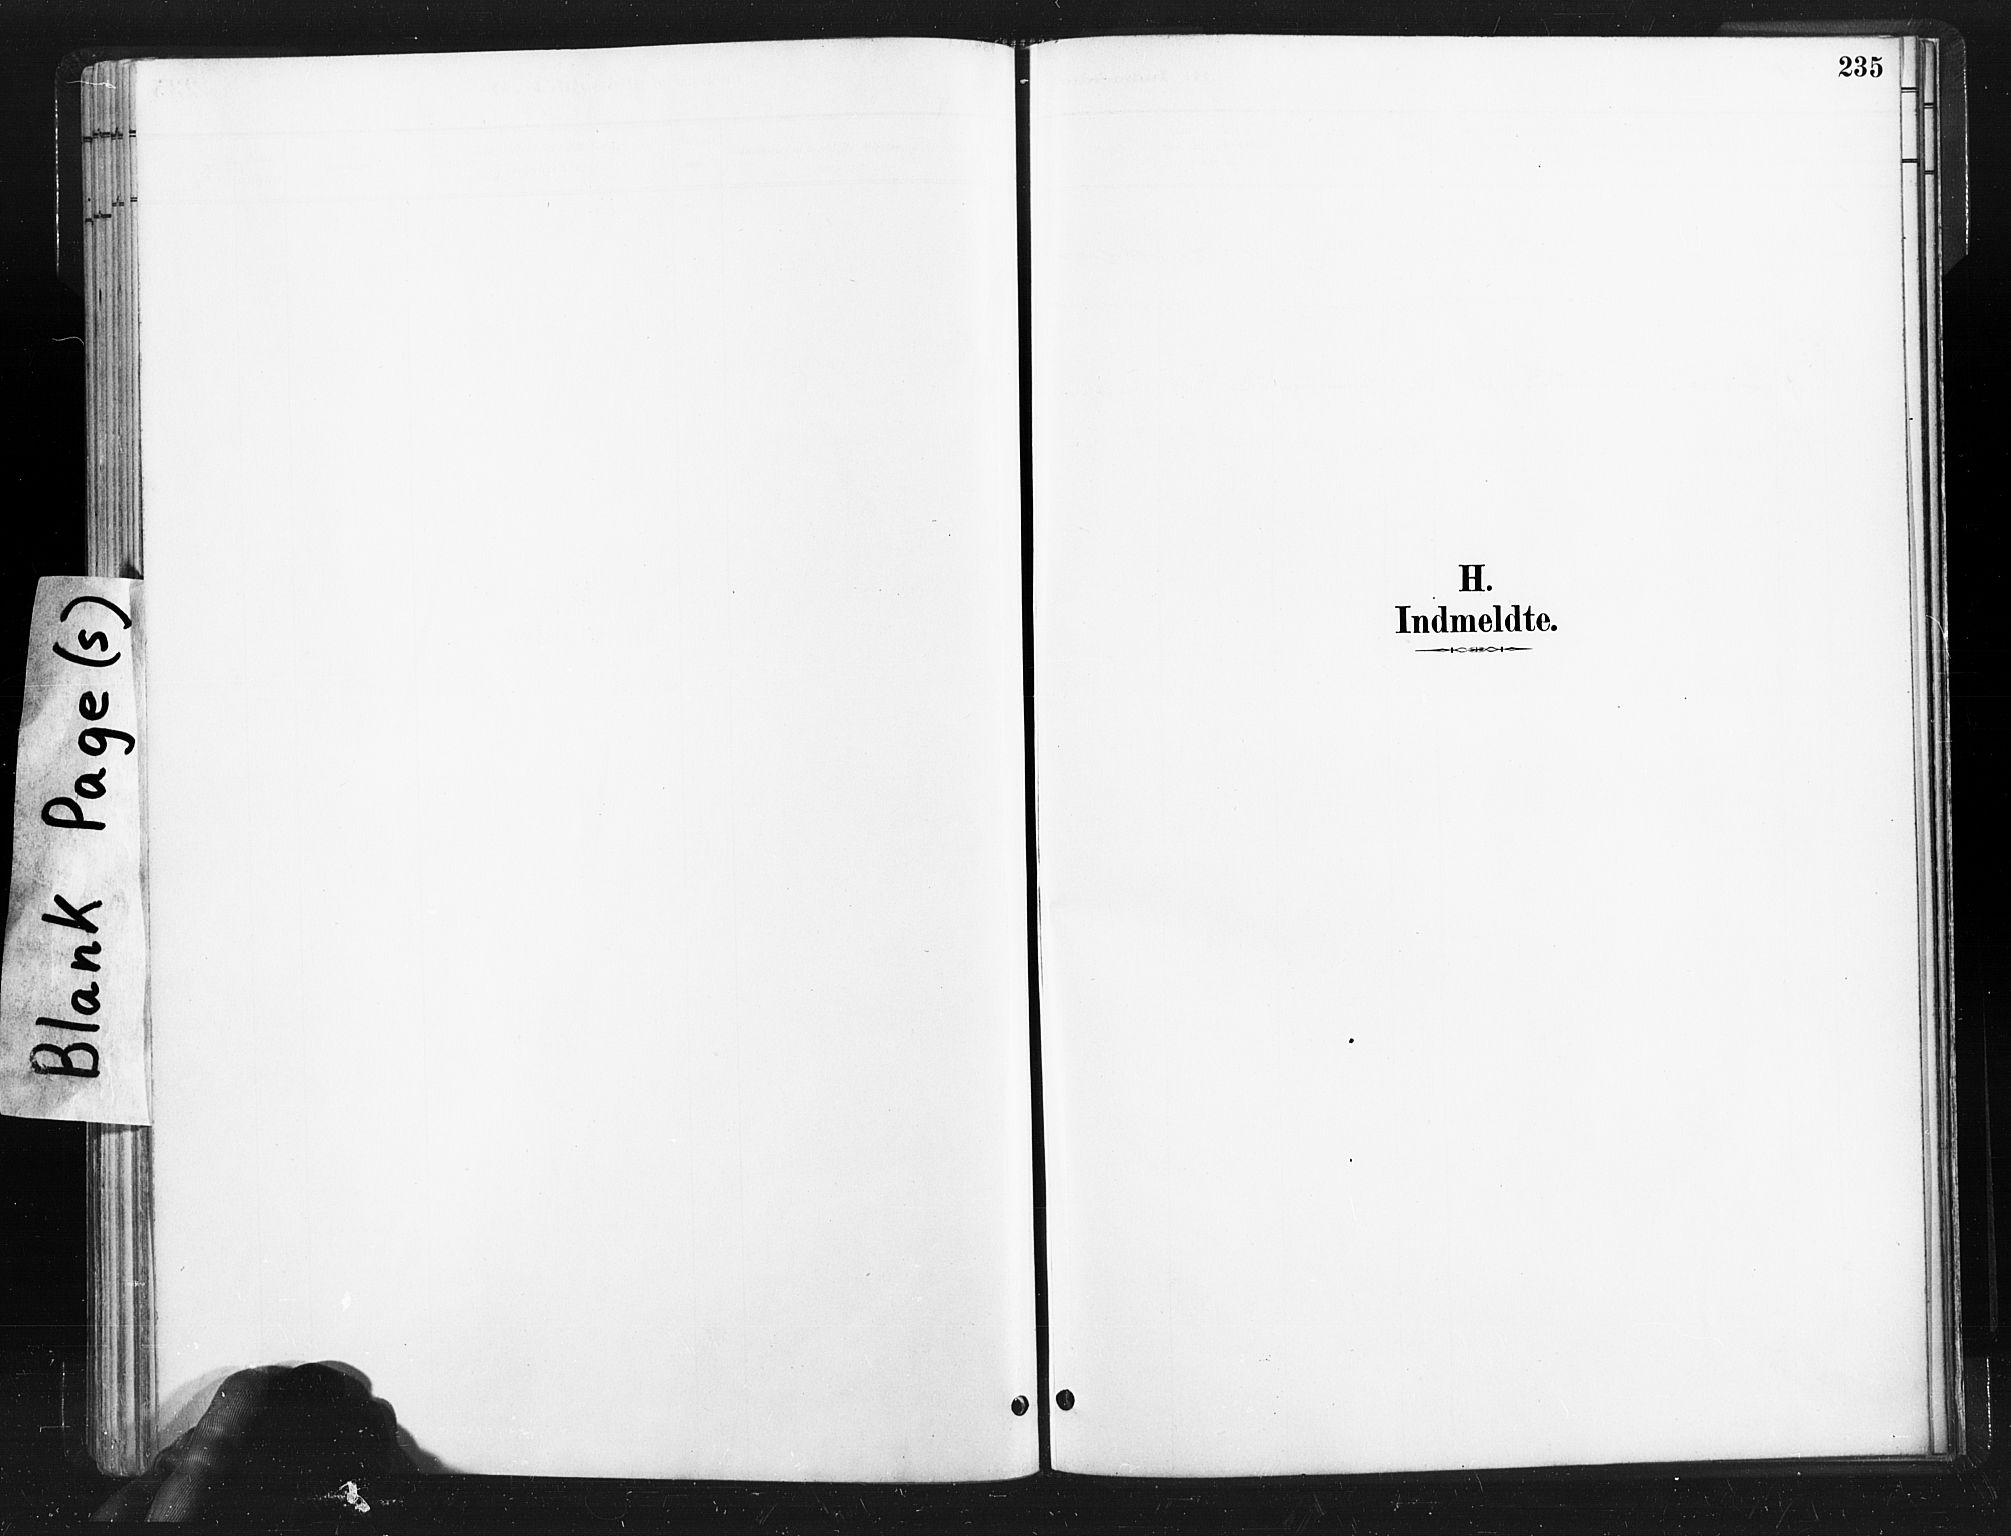 SAT, Ministerialprotokoller, klokkerbøker og fødselsregistre - Nord-Trøndelag, 736/L0361: Ministerialbok nr. 736A01, 1884-1906, s. 235